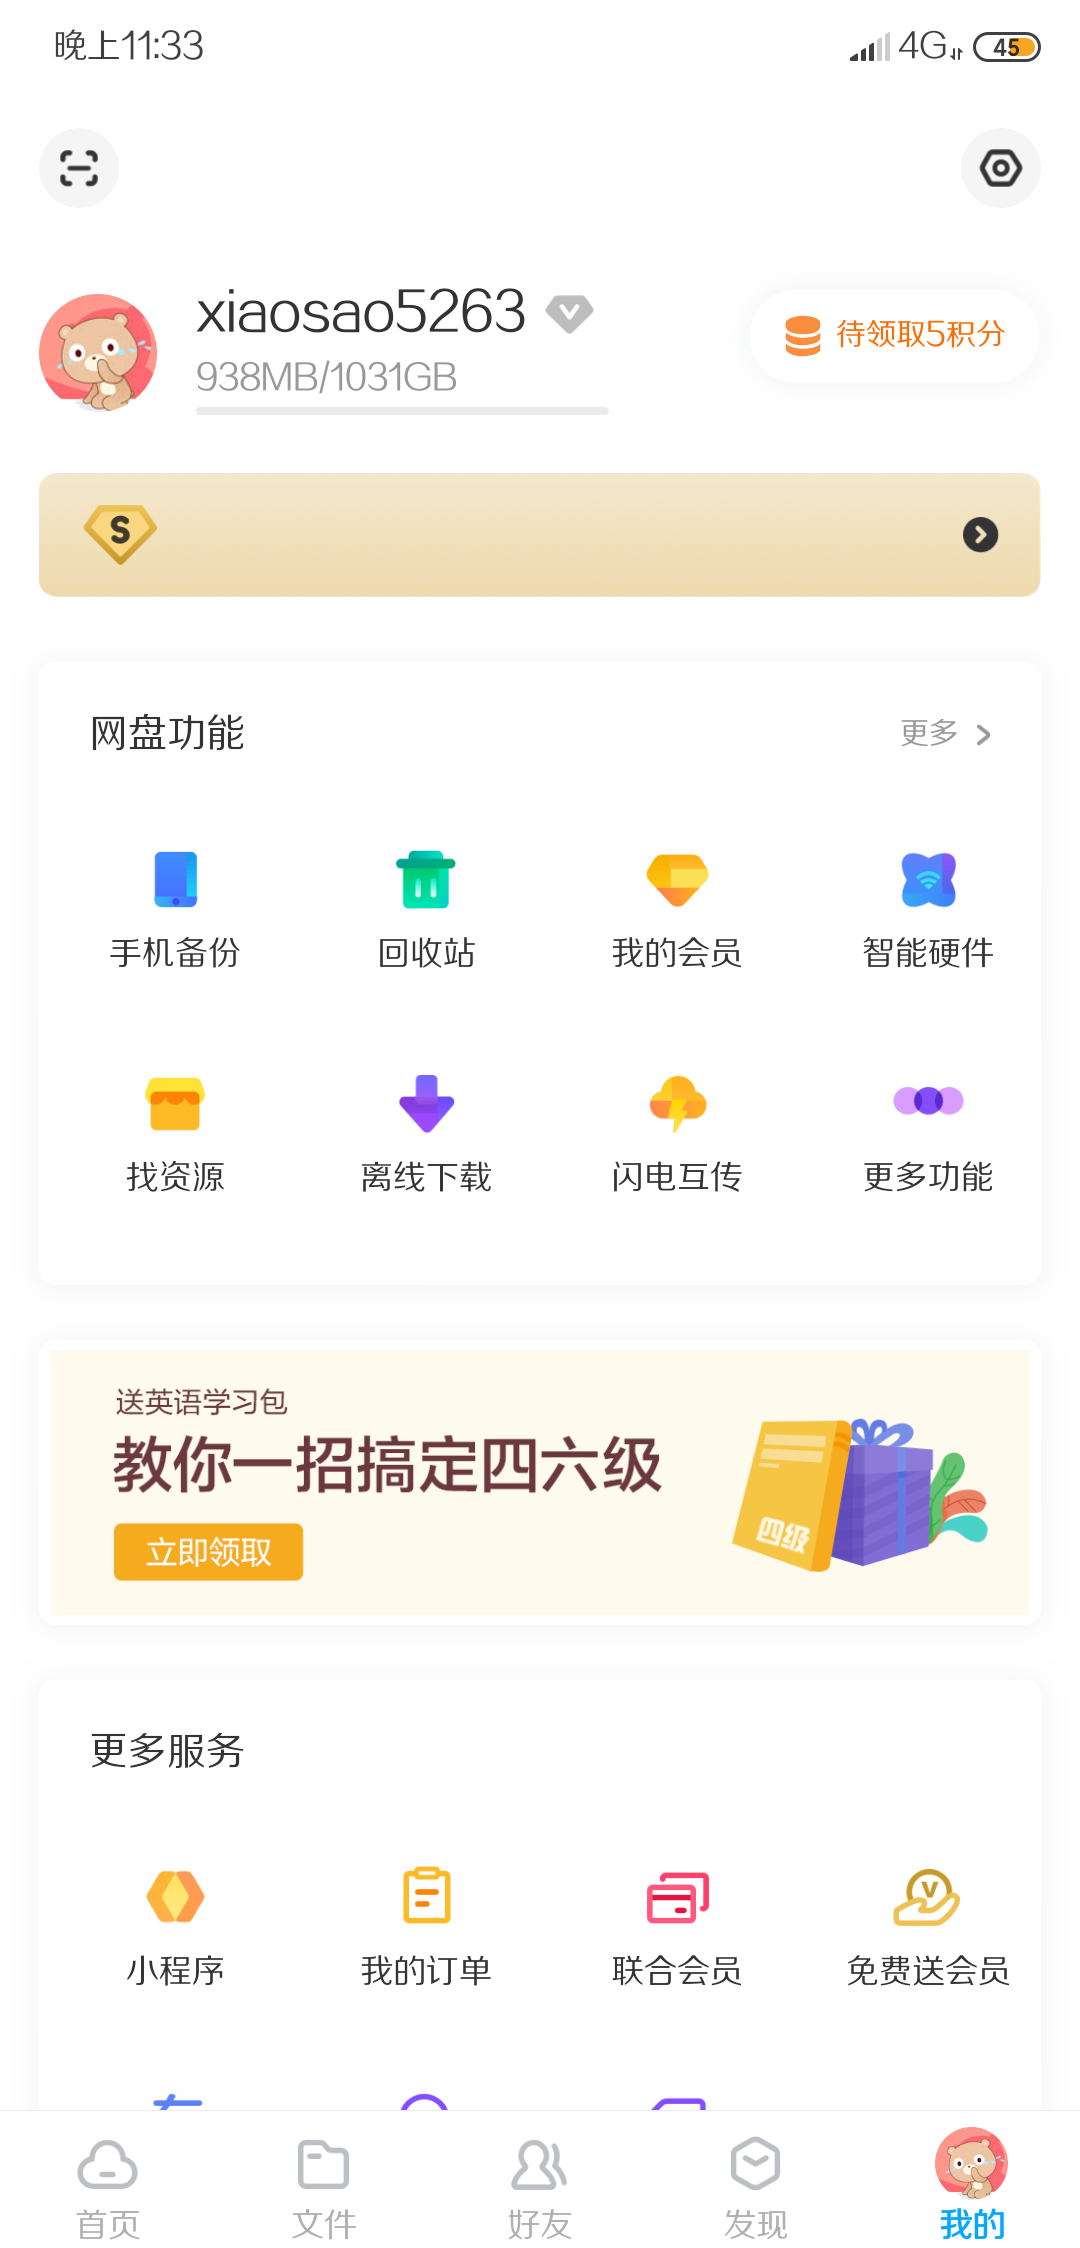 惠小助百度网盘v9.9.9最新破解版